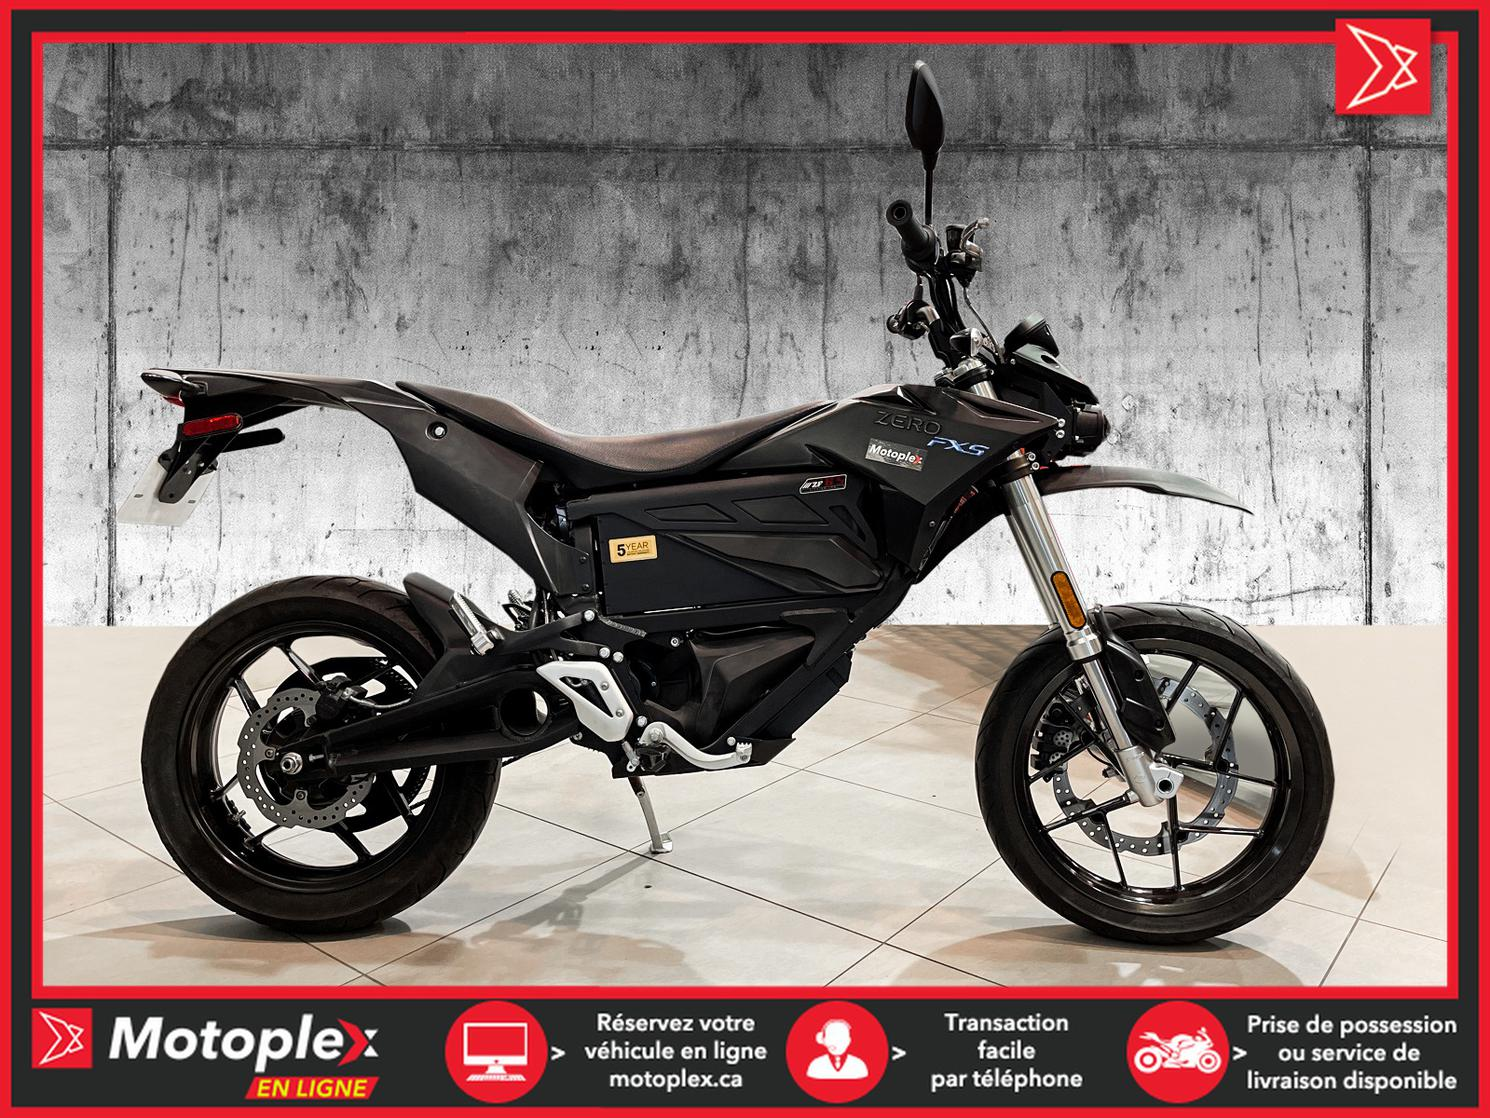 U4375 Zero Motorcycles Moto électrique – FXS 6.5 2017